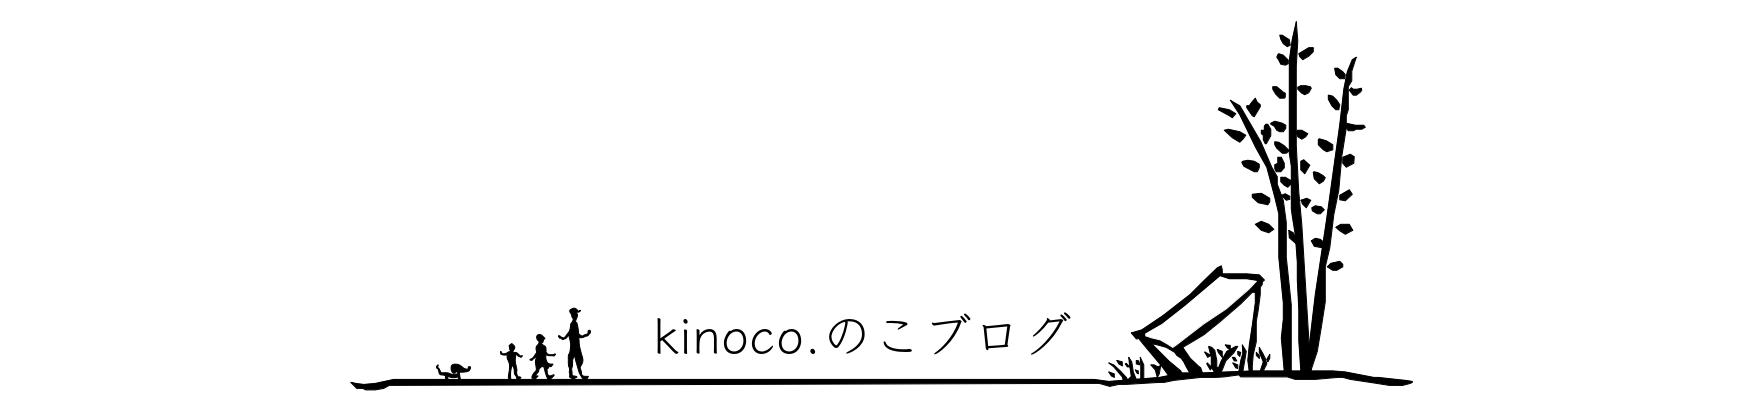 |大地の鼓動を感じる空間kinoco.